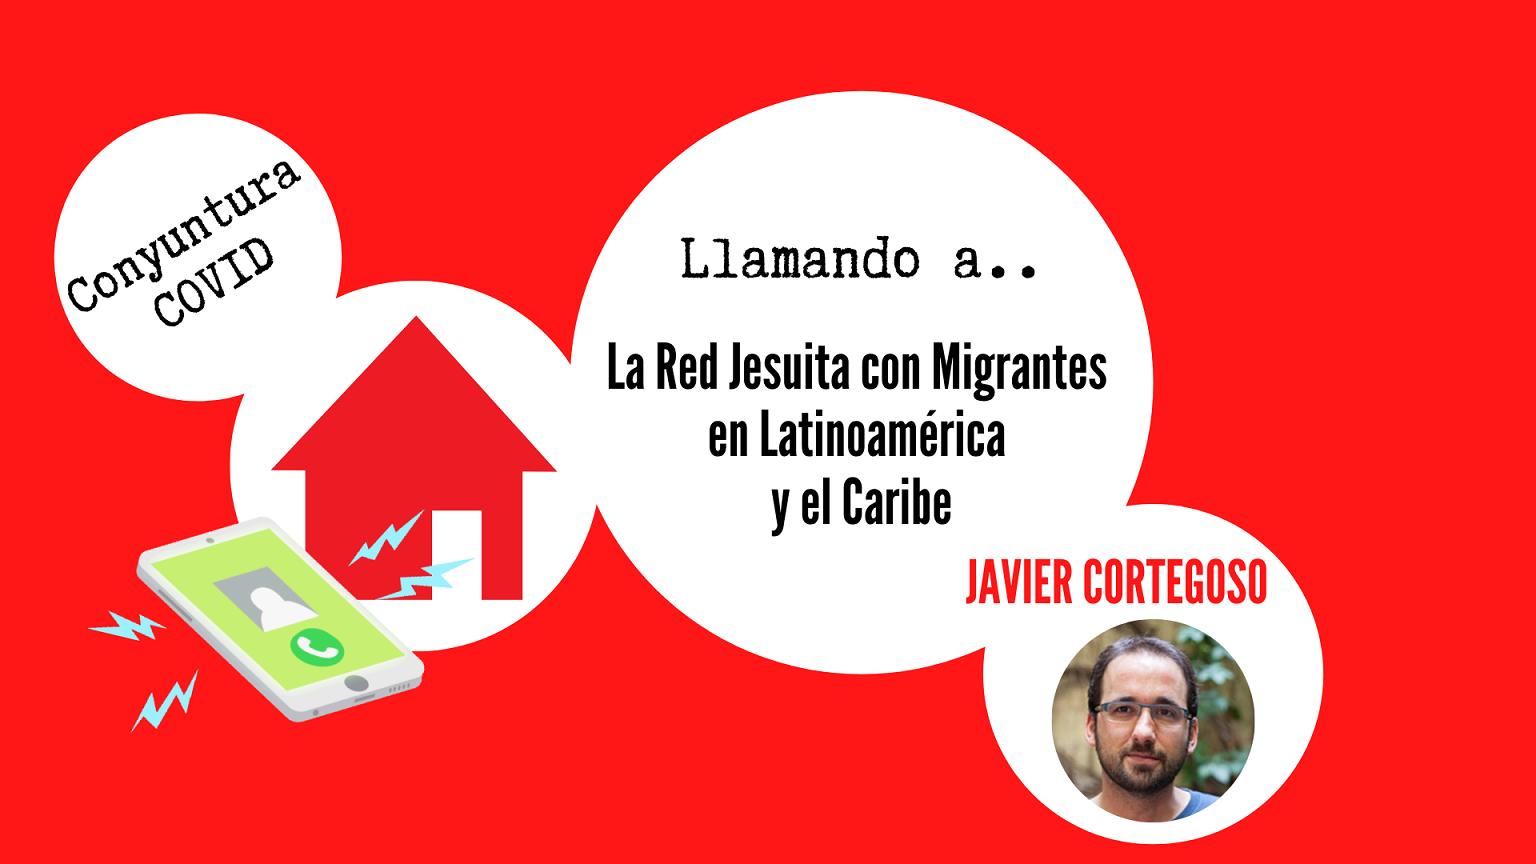 Conyuntura-COVID : al habla la Red Jesuita con Migrantes de Latinoámerica y Caribe